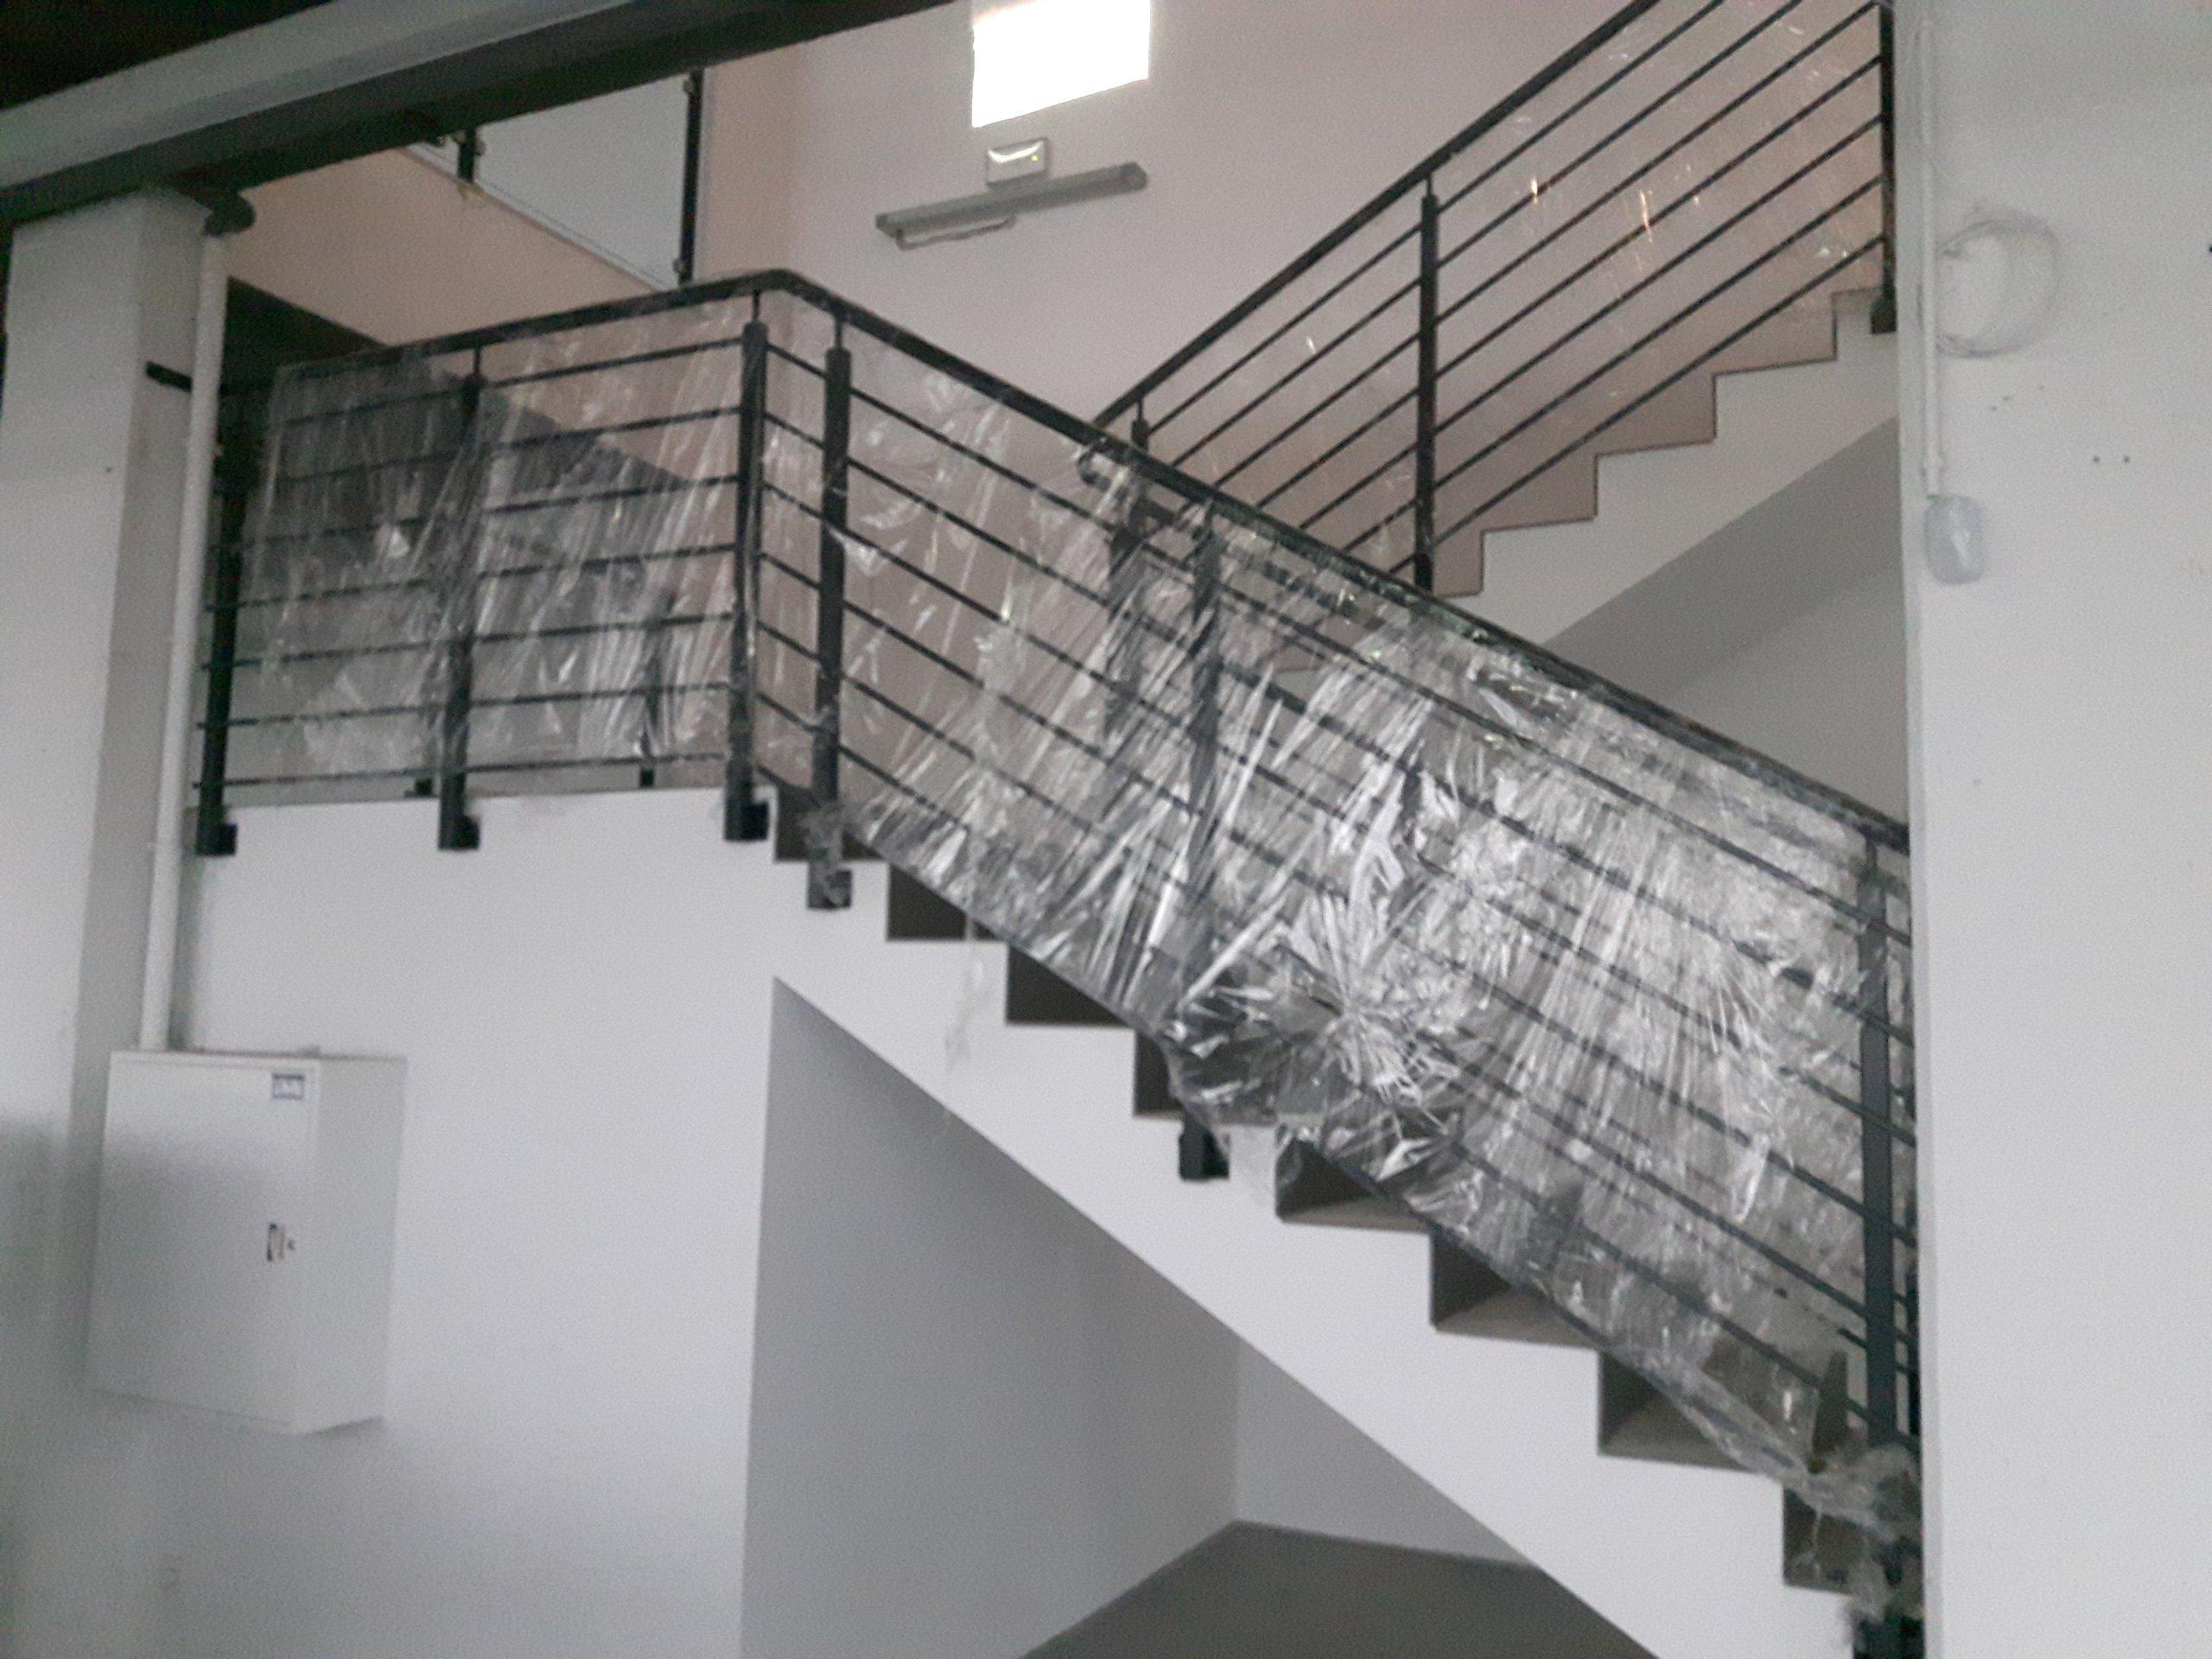 Bardzo dobra Balustrada schodowa, balkonowa wzór Wenecja TREBOR - 7162821621 TD92